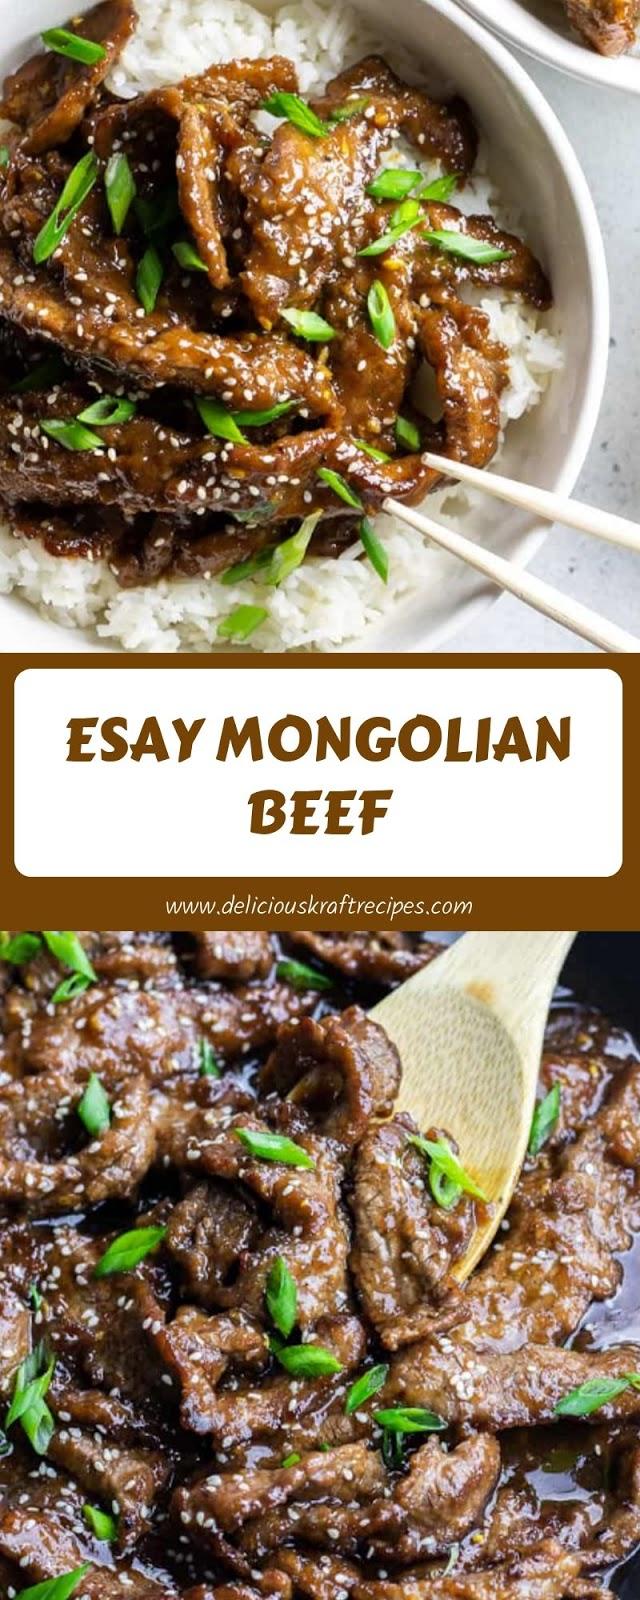 ESAY MONGOLIAN BEEF